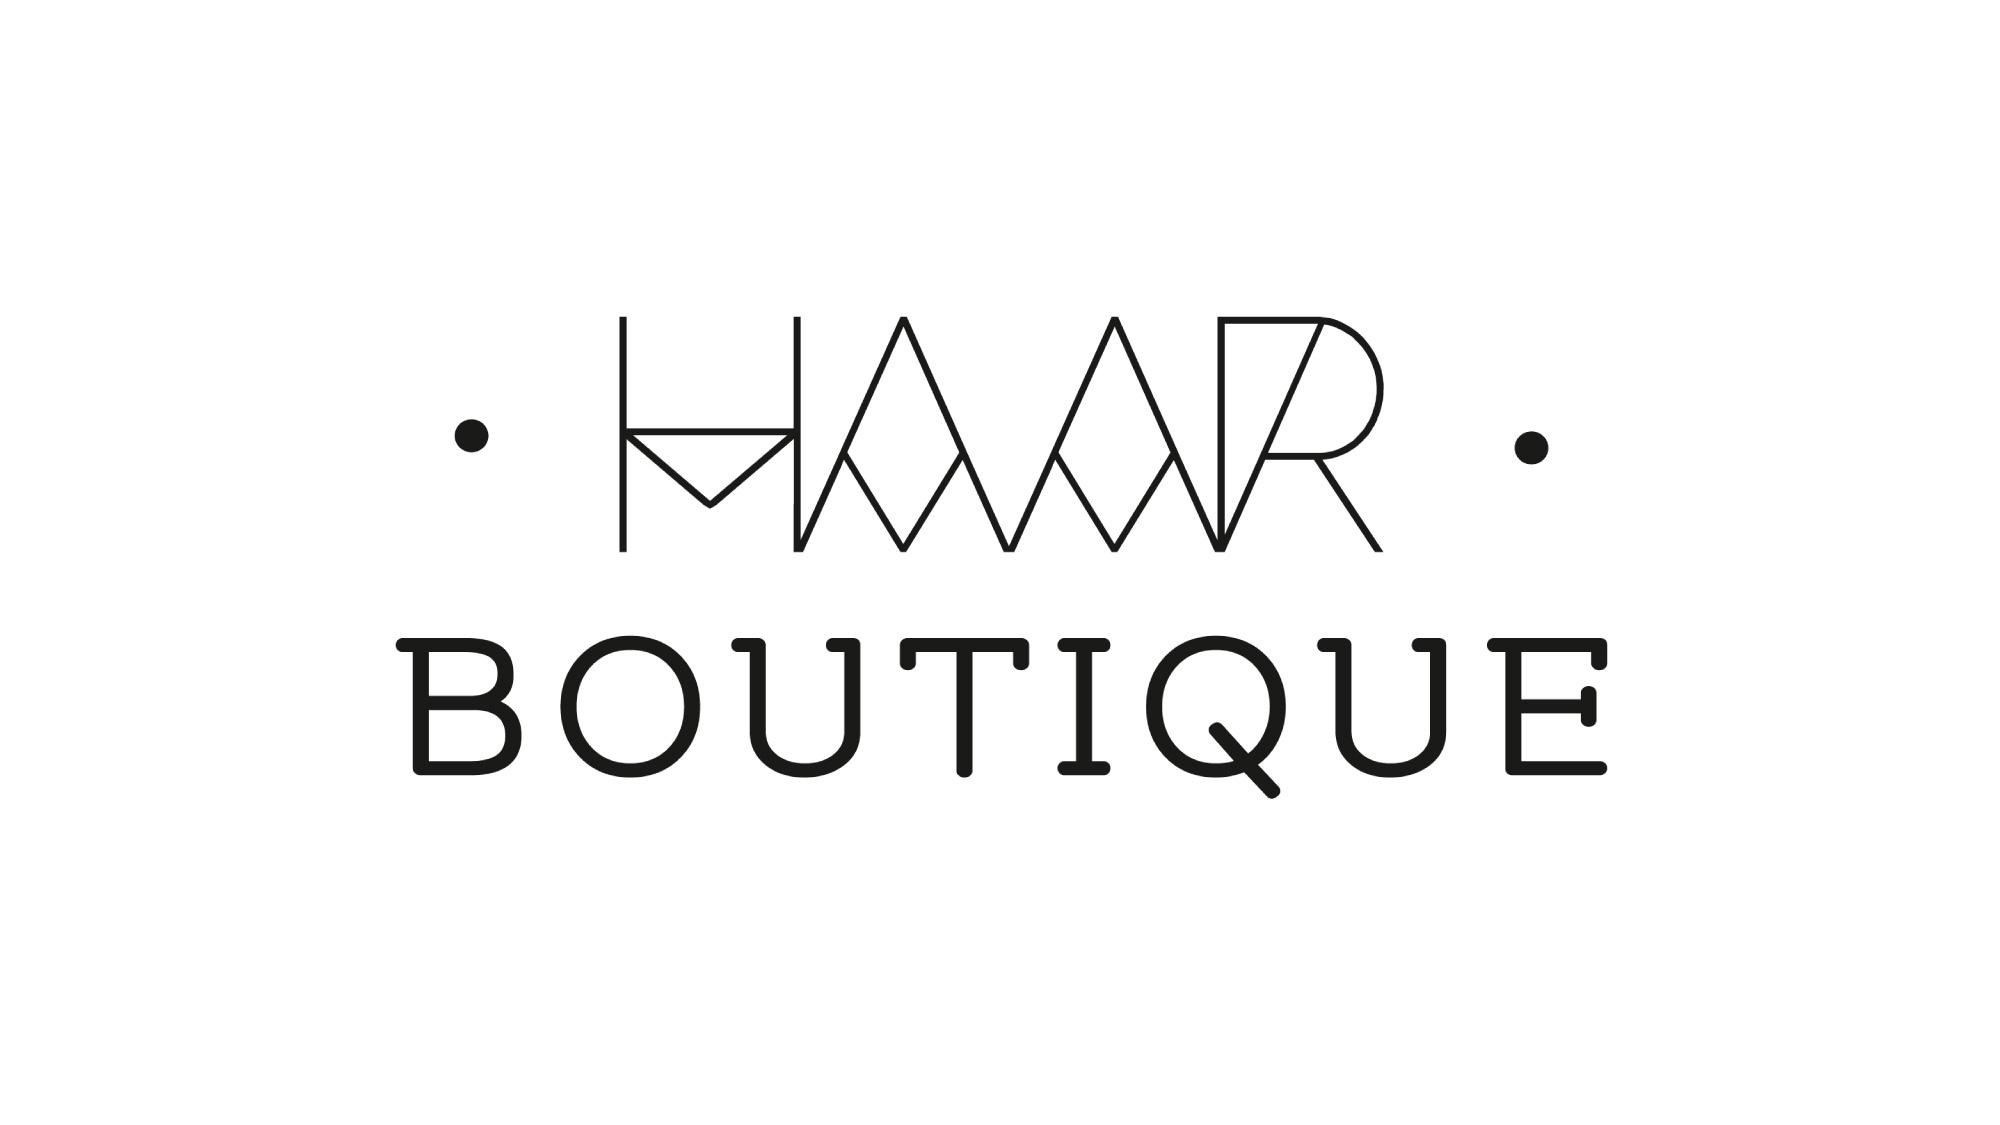 Haarboutique_Branding_Logo_1